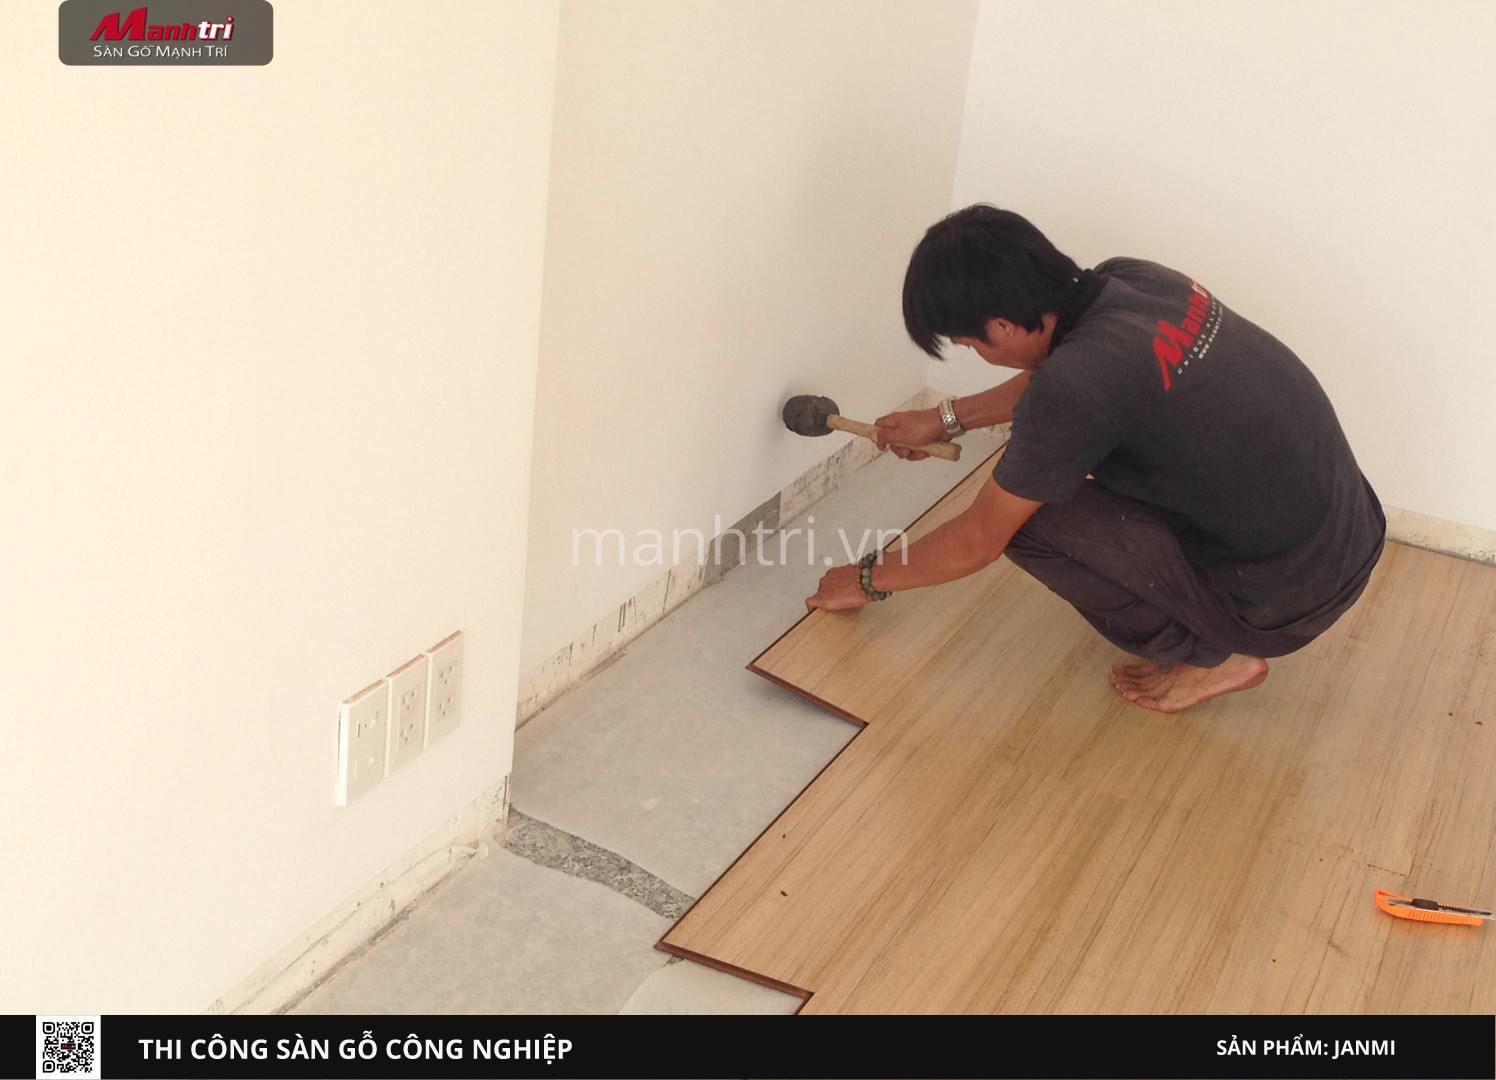 Quy trình lắp đặt sàn gỗ công nghiệp Janmi